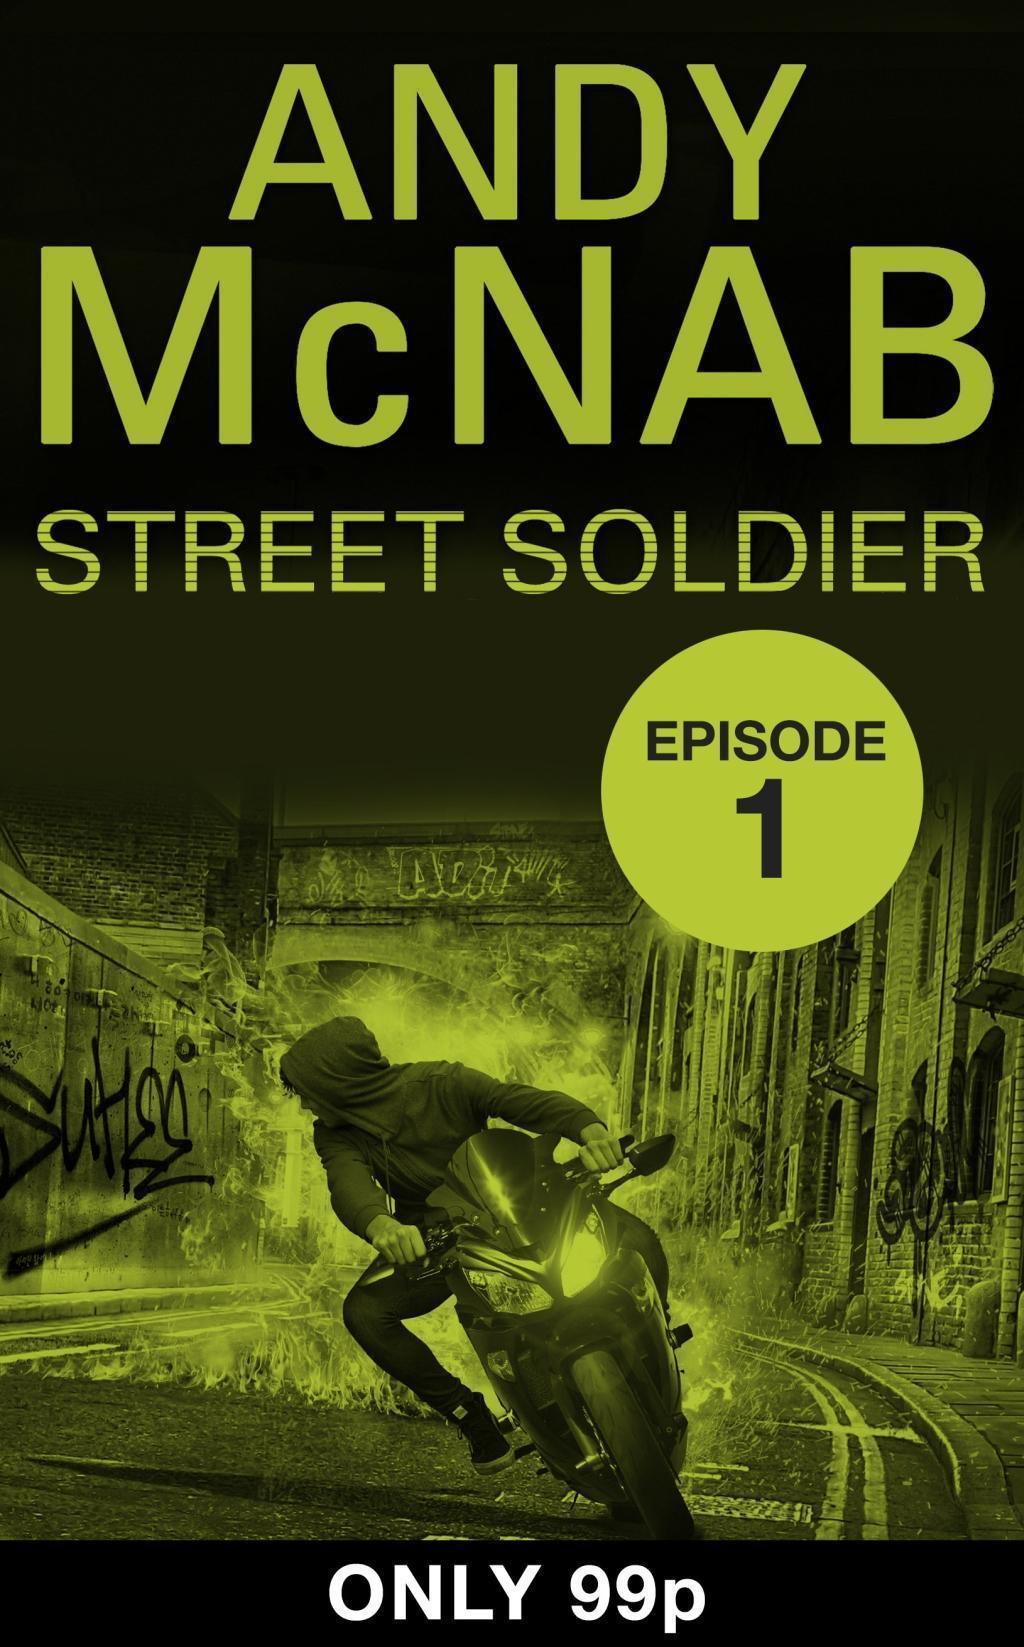 Street Soldier: Episode 1